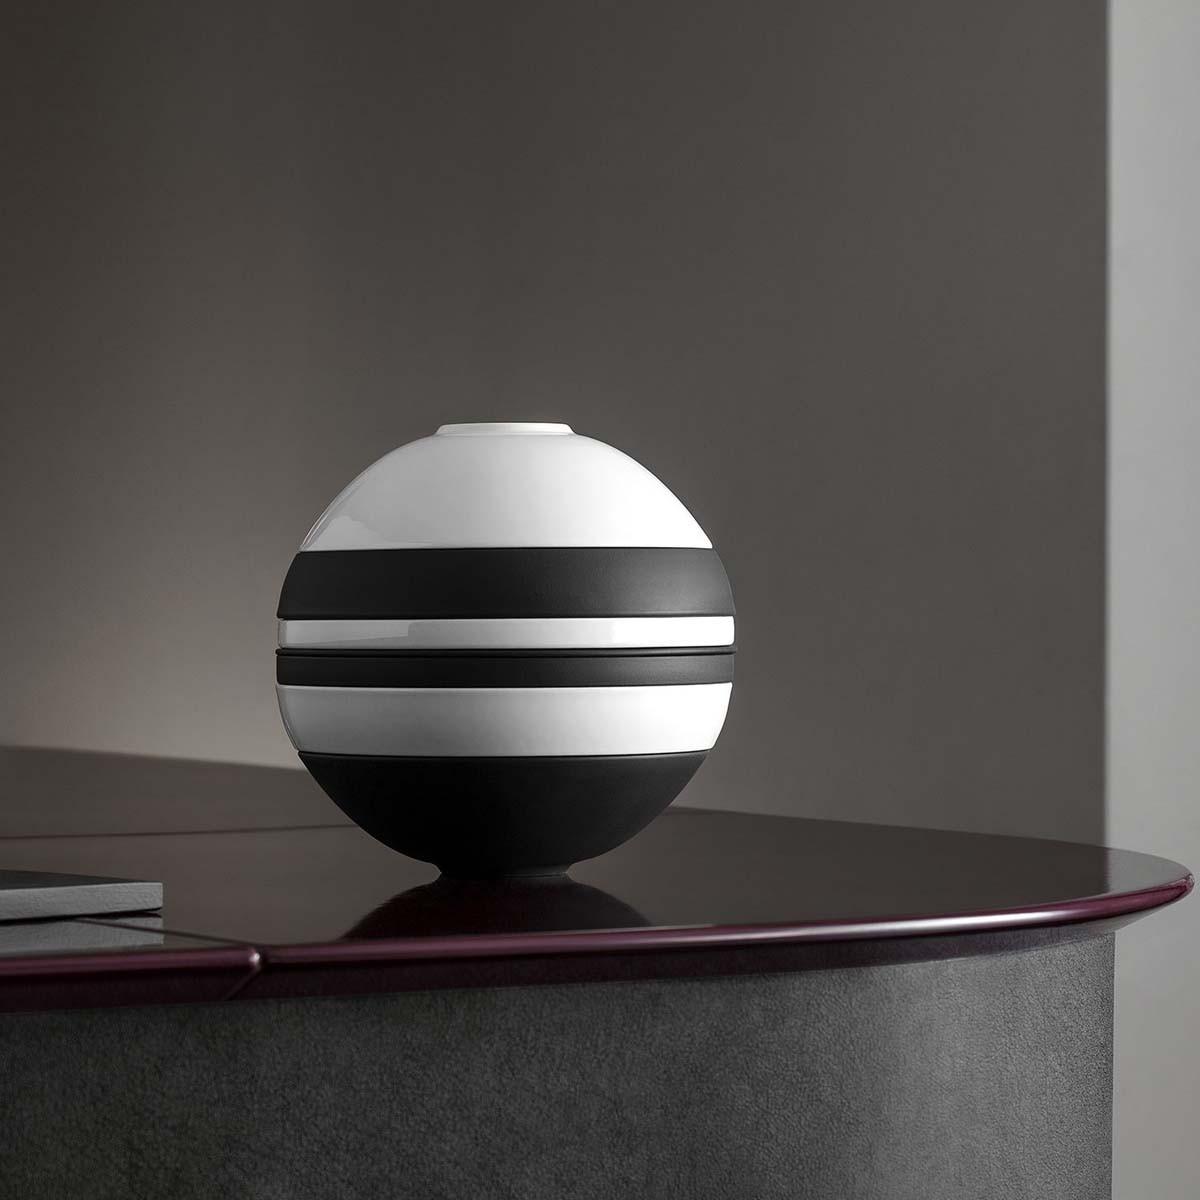 Zastawa 7-el. La Boule Iconic biało-czarna Villeroy & Boch (2)